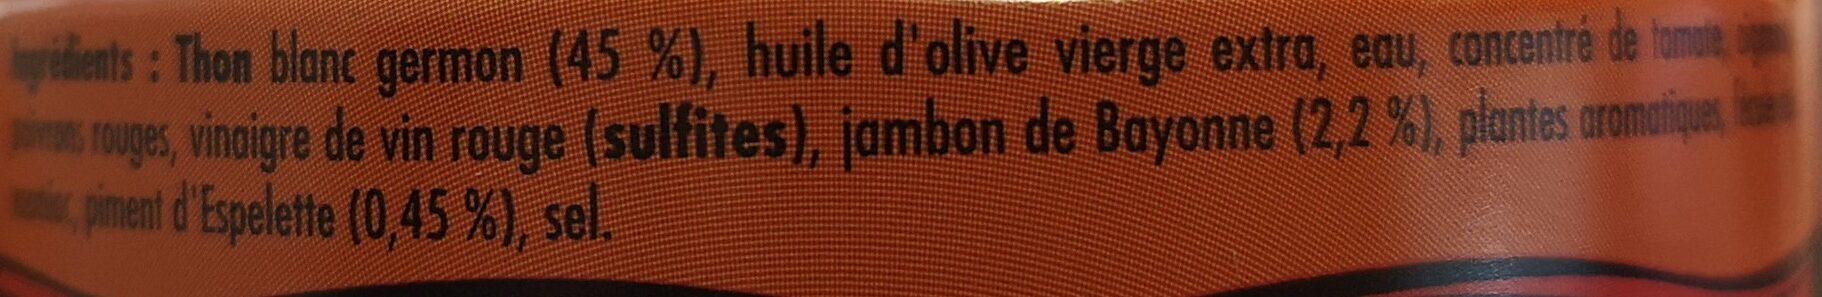 Emietté de thon à la Luzienne - Ingrédients